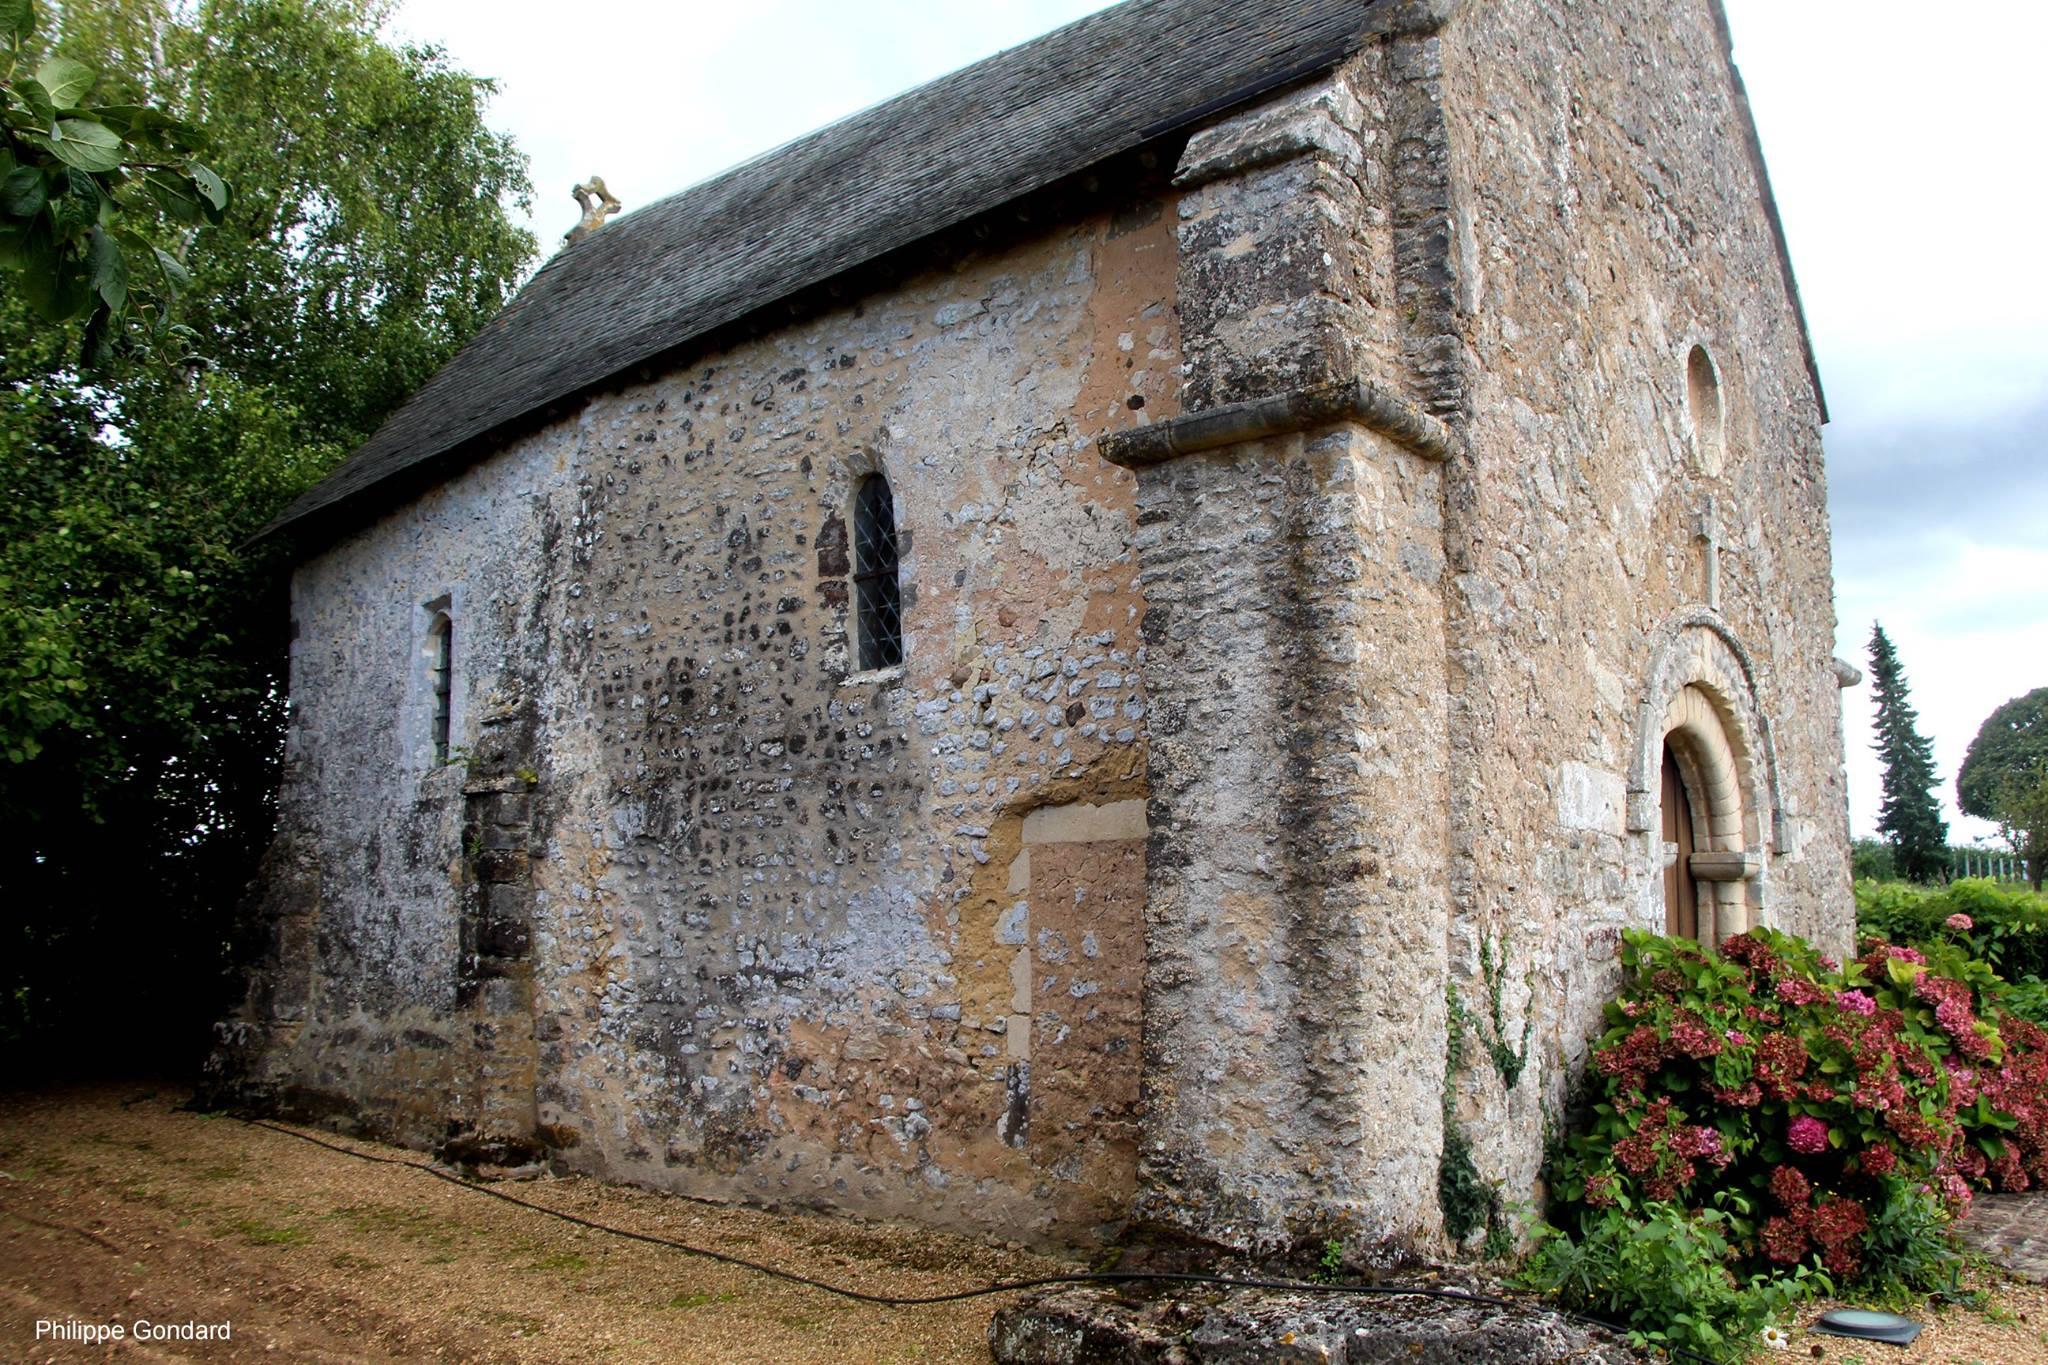 Conlie - Chapelle Saint Hilaire et Saint Eutrope de Verniette 05 (Philippe Gondard)